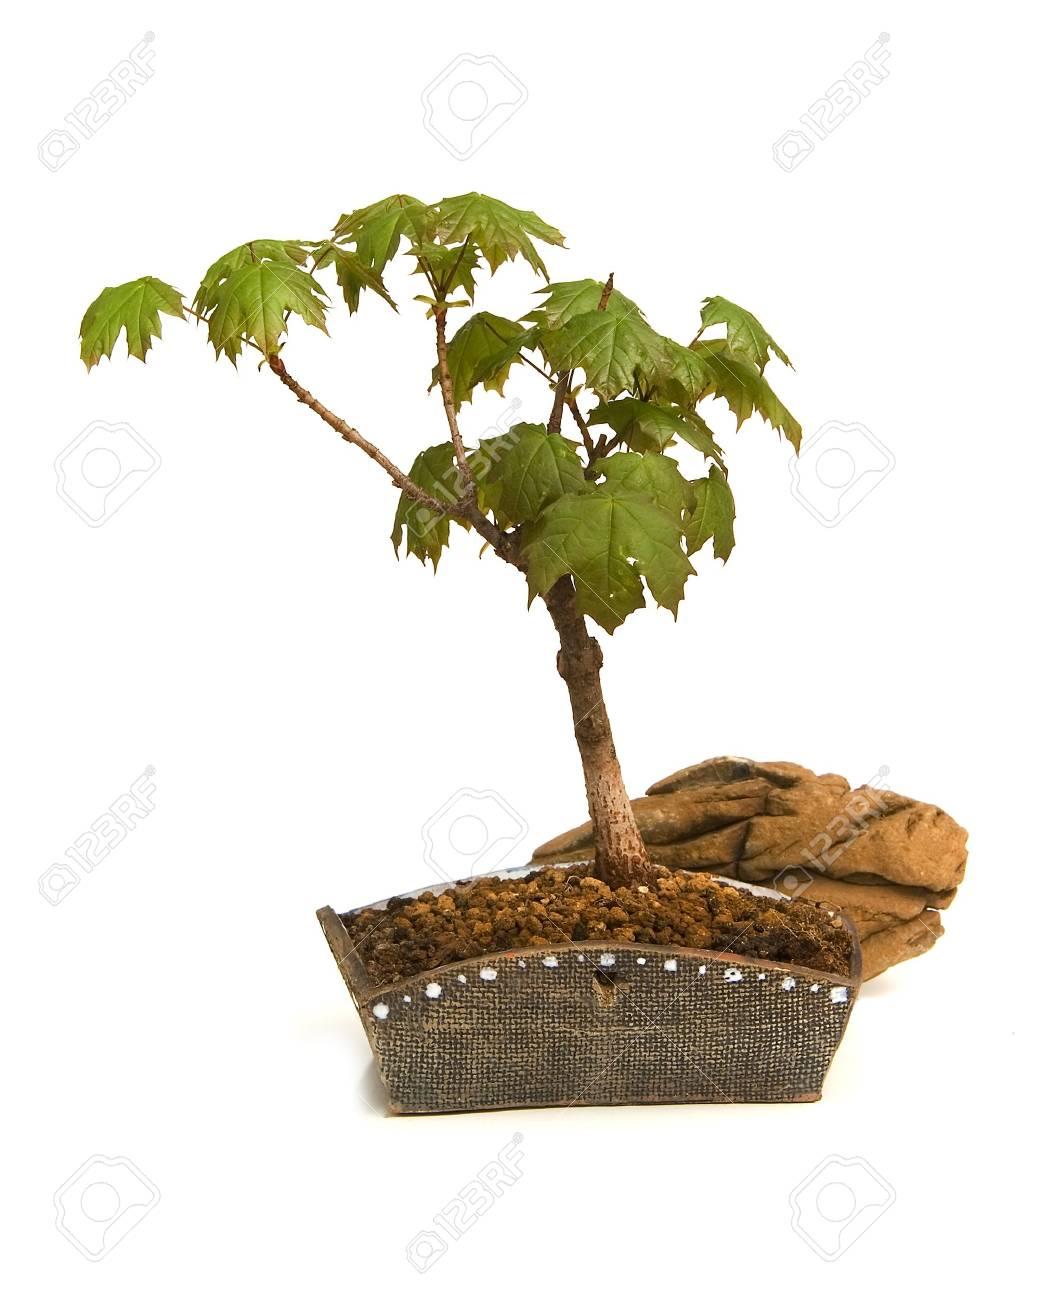 bonsai isolated on white background Stock Photo - 2632437